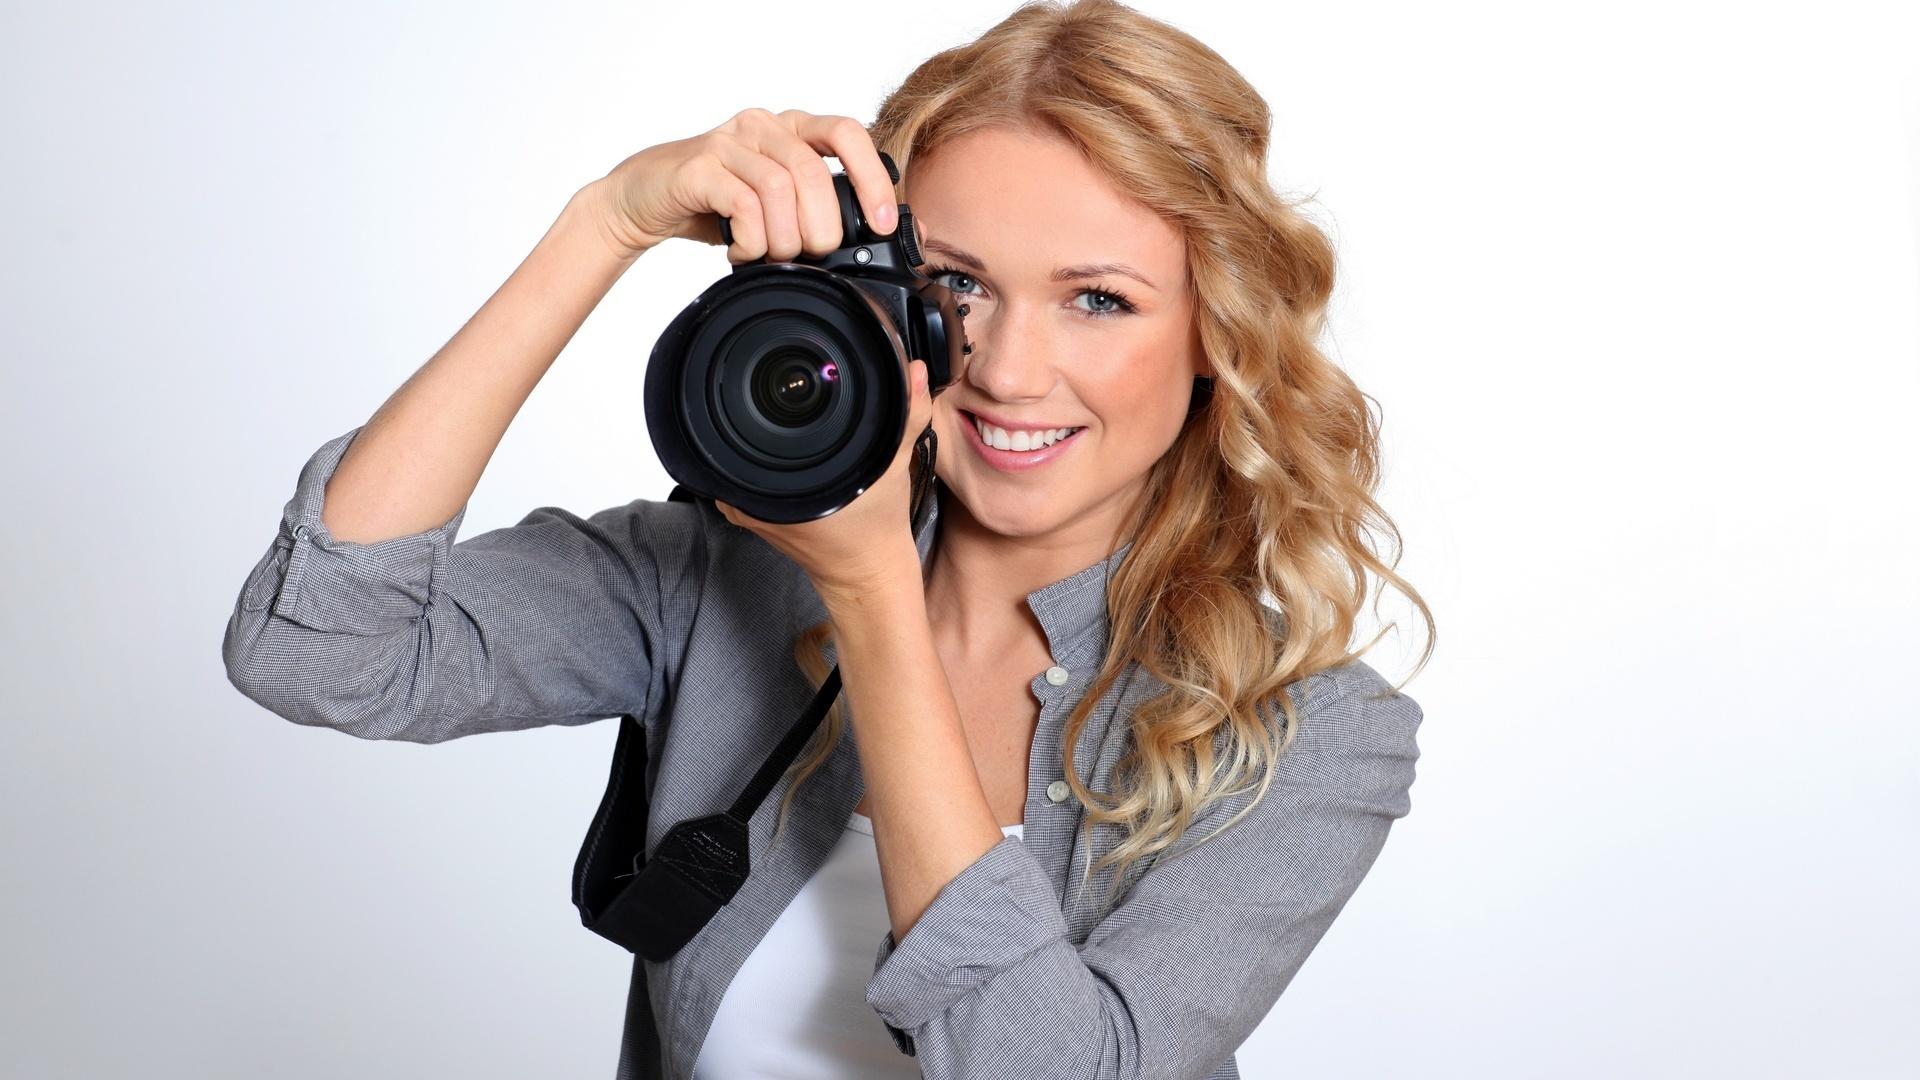 того времени работа фотографом поиск клиентов людей, имеющих общих